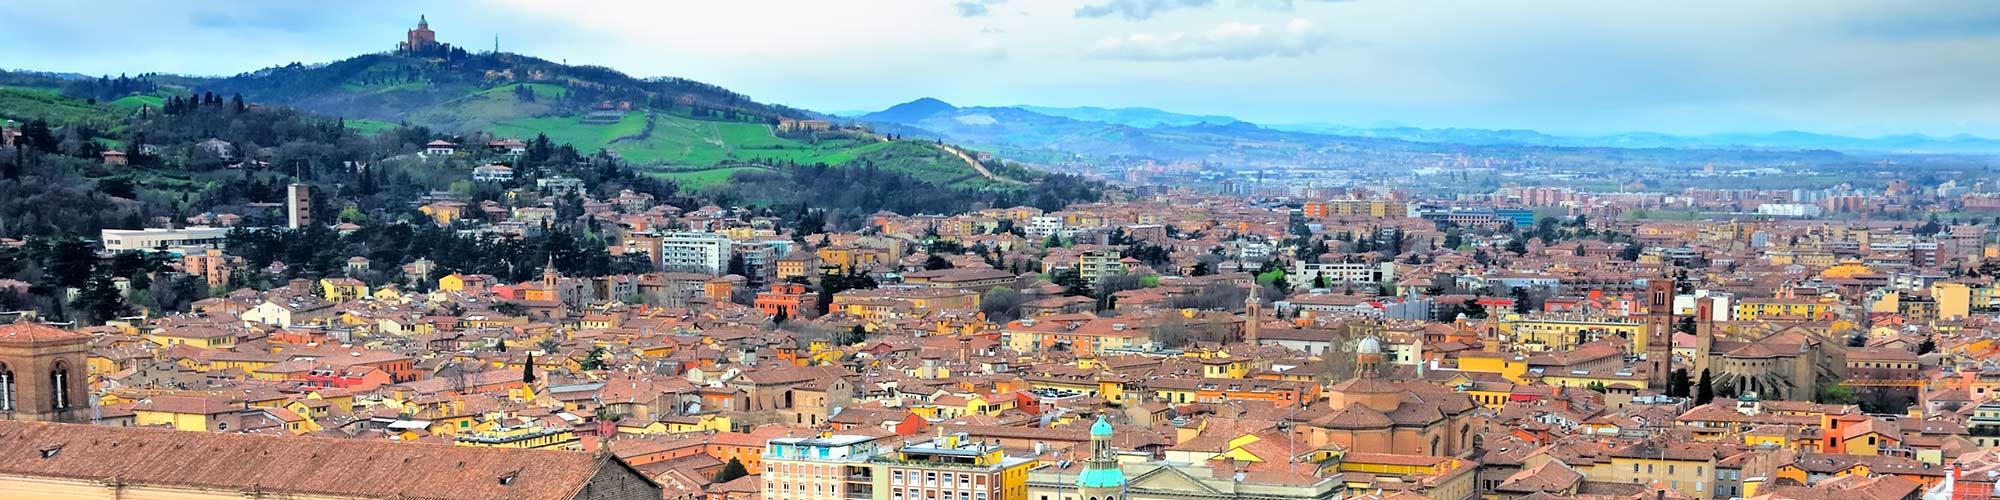 Toscana en vespa - EL PAÍS Viajes